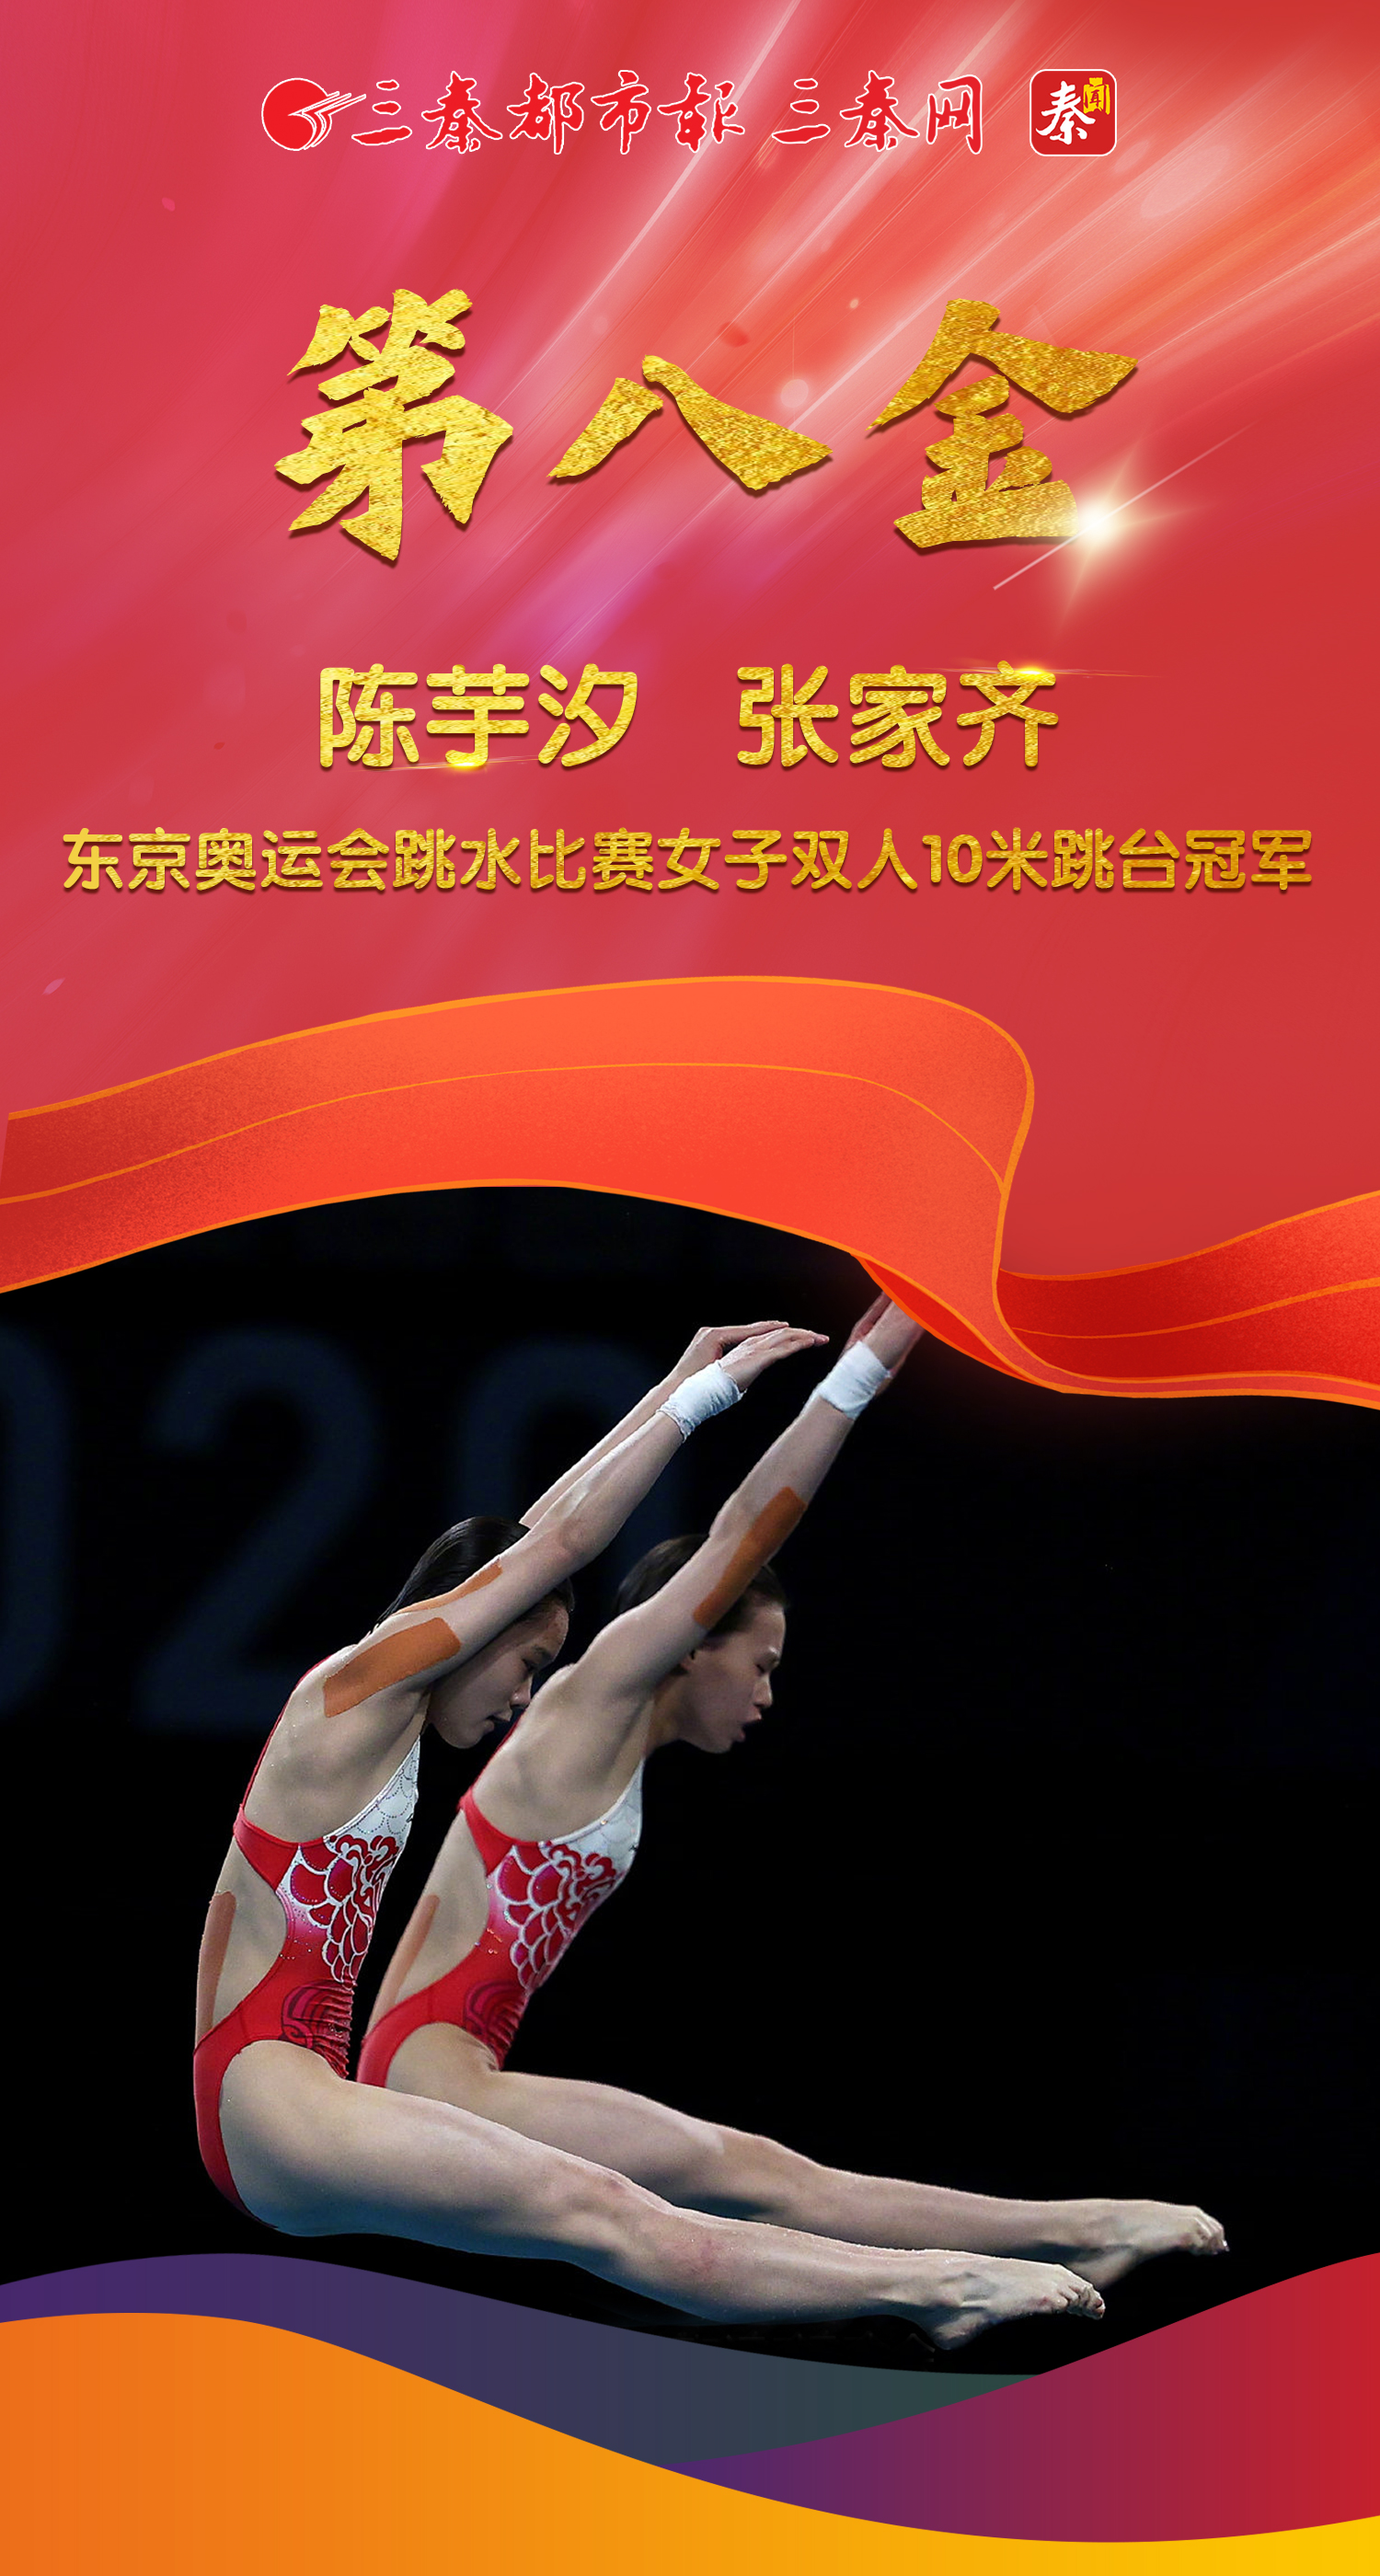 第八金!中国组合陈芋汐/张家齐获得东京奥运会女子双人10米台金牌